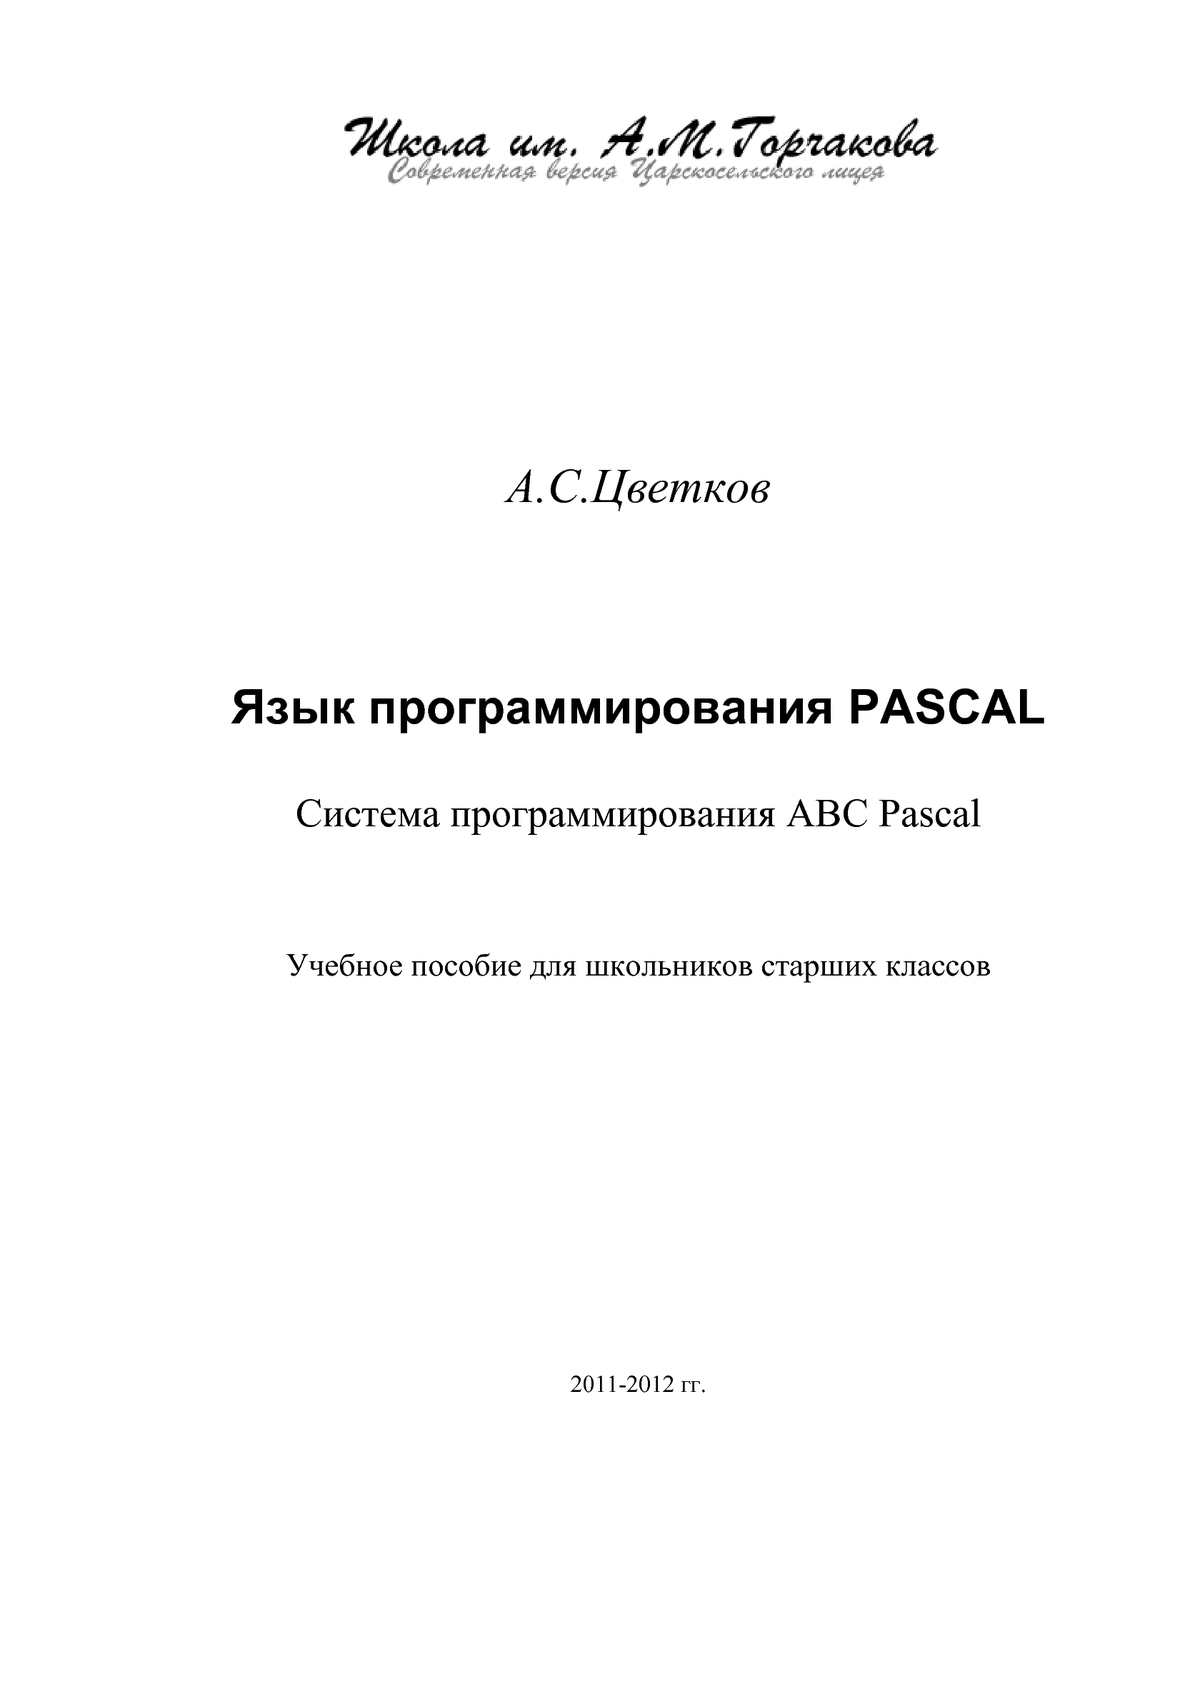 инструкция присвоения на паскале